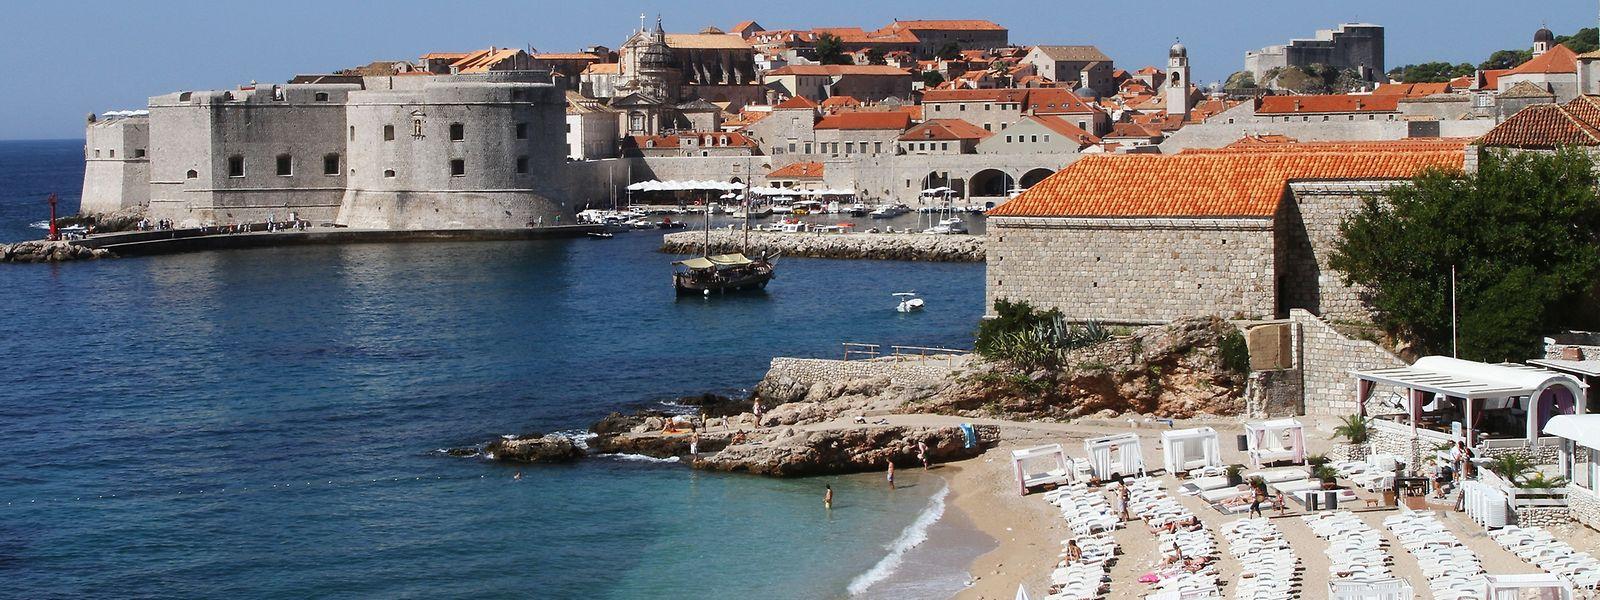 Luxair Tours fliegt jede Woche zweimal nach Dubrovnik. Insgesamt, heißt es bei dem Luxemburger Reiseveranstalter, entwickele sich Kroatien gut.